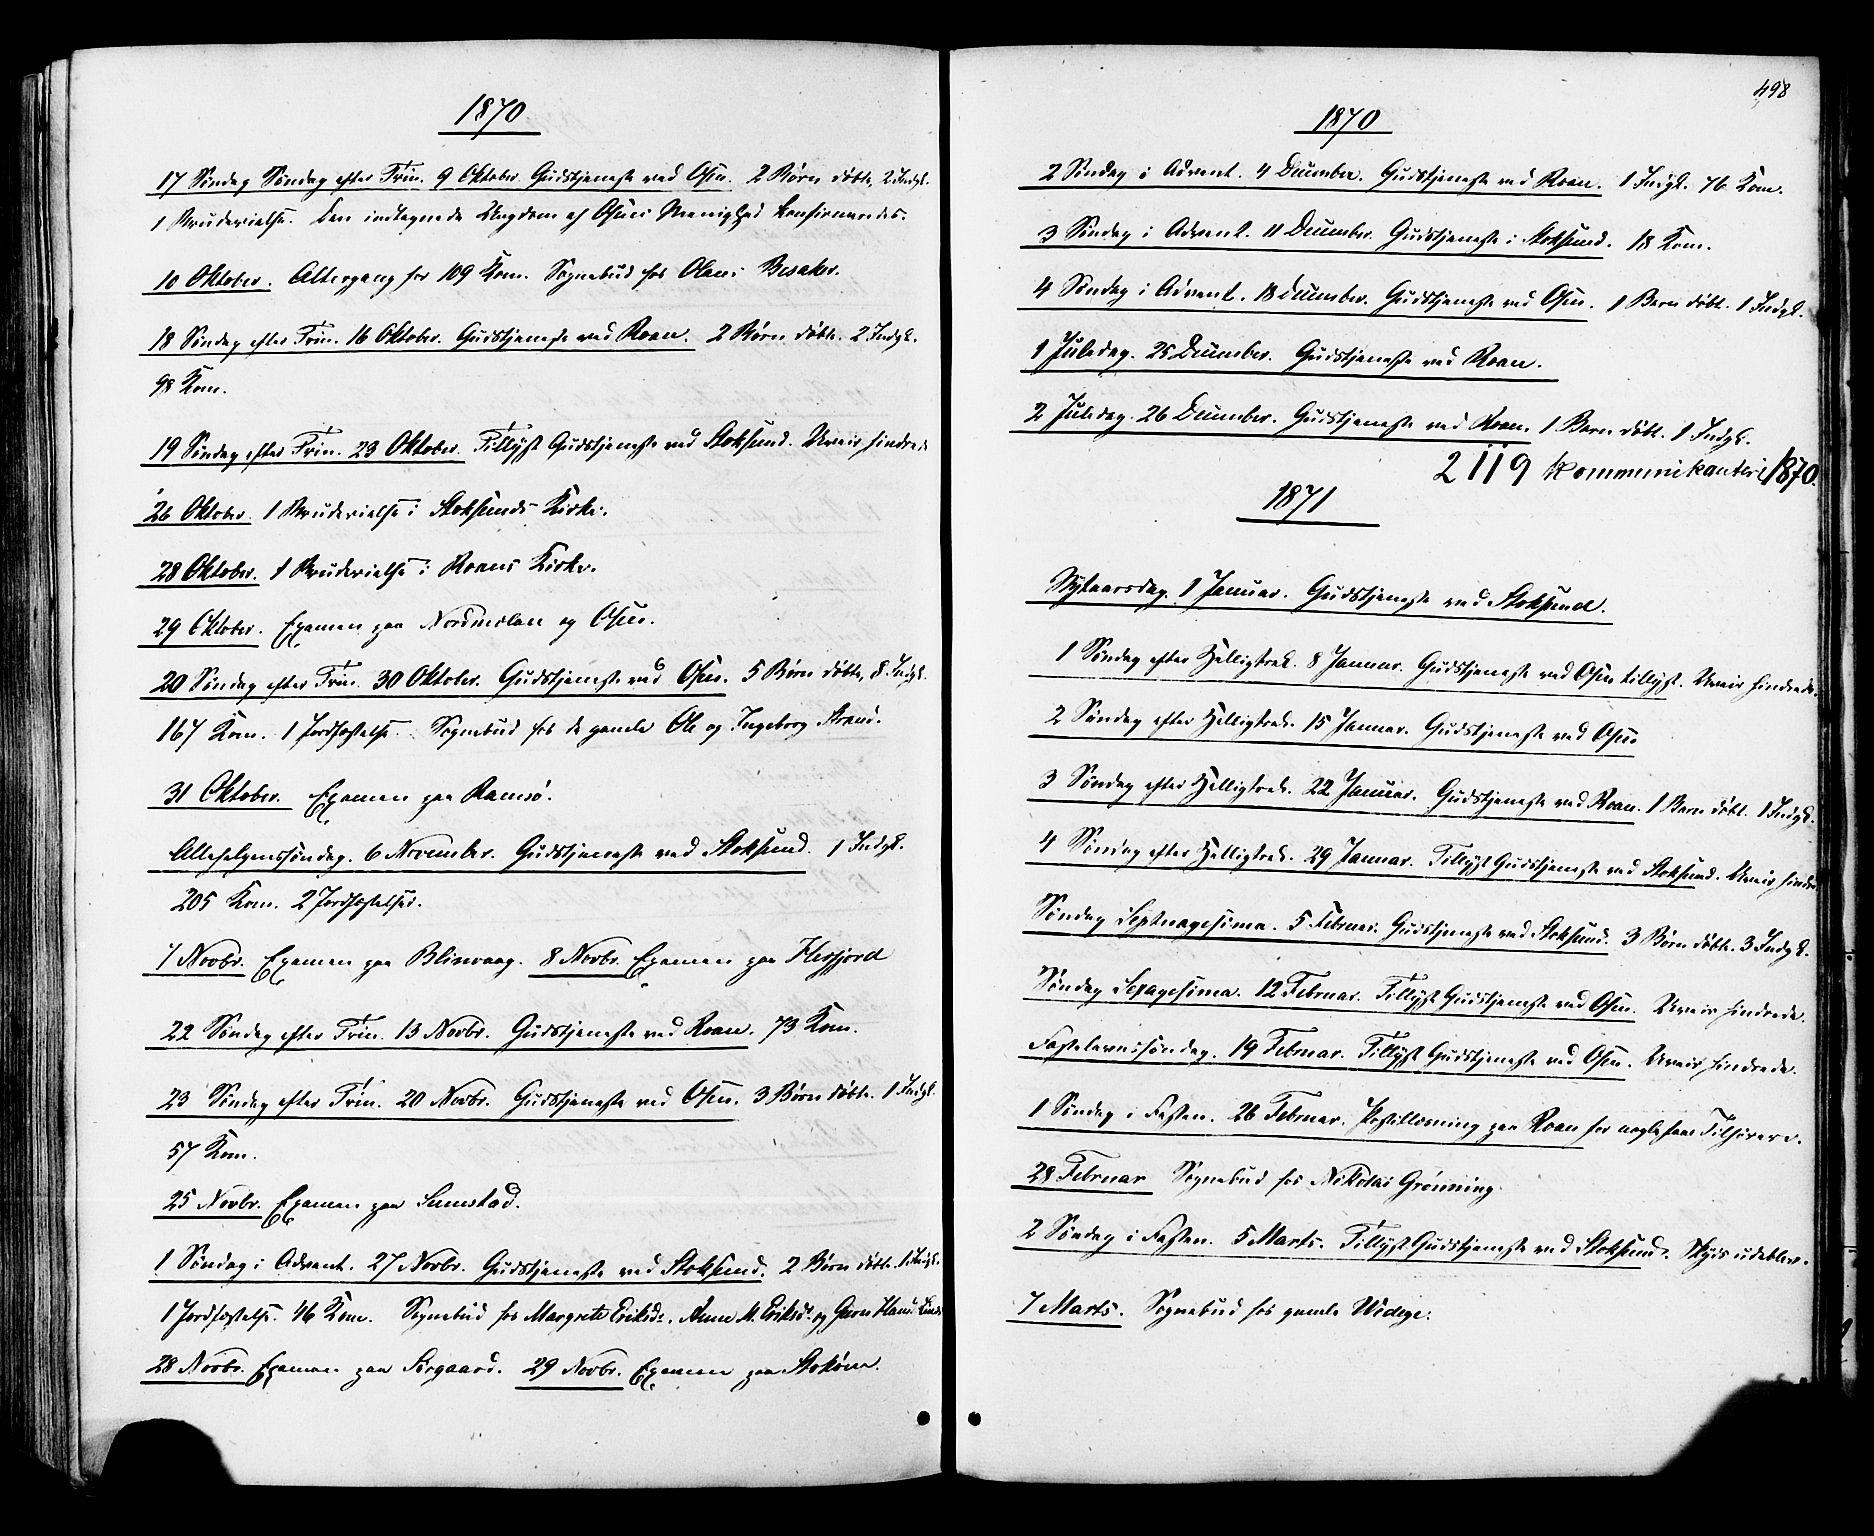 SAT, Ministerialprotokoller, klokkerbøker og fødselsregistre - Sør-Trøndelag, 657/L0706: Ministerialbok nr. 657A07, 1867-1878, s. 498